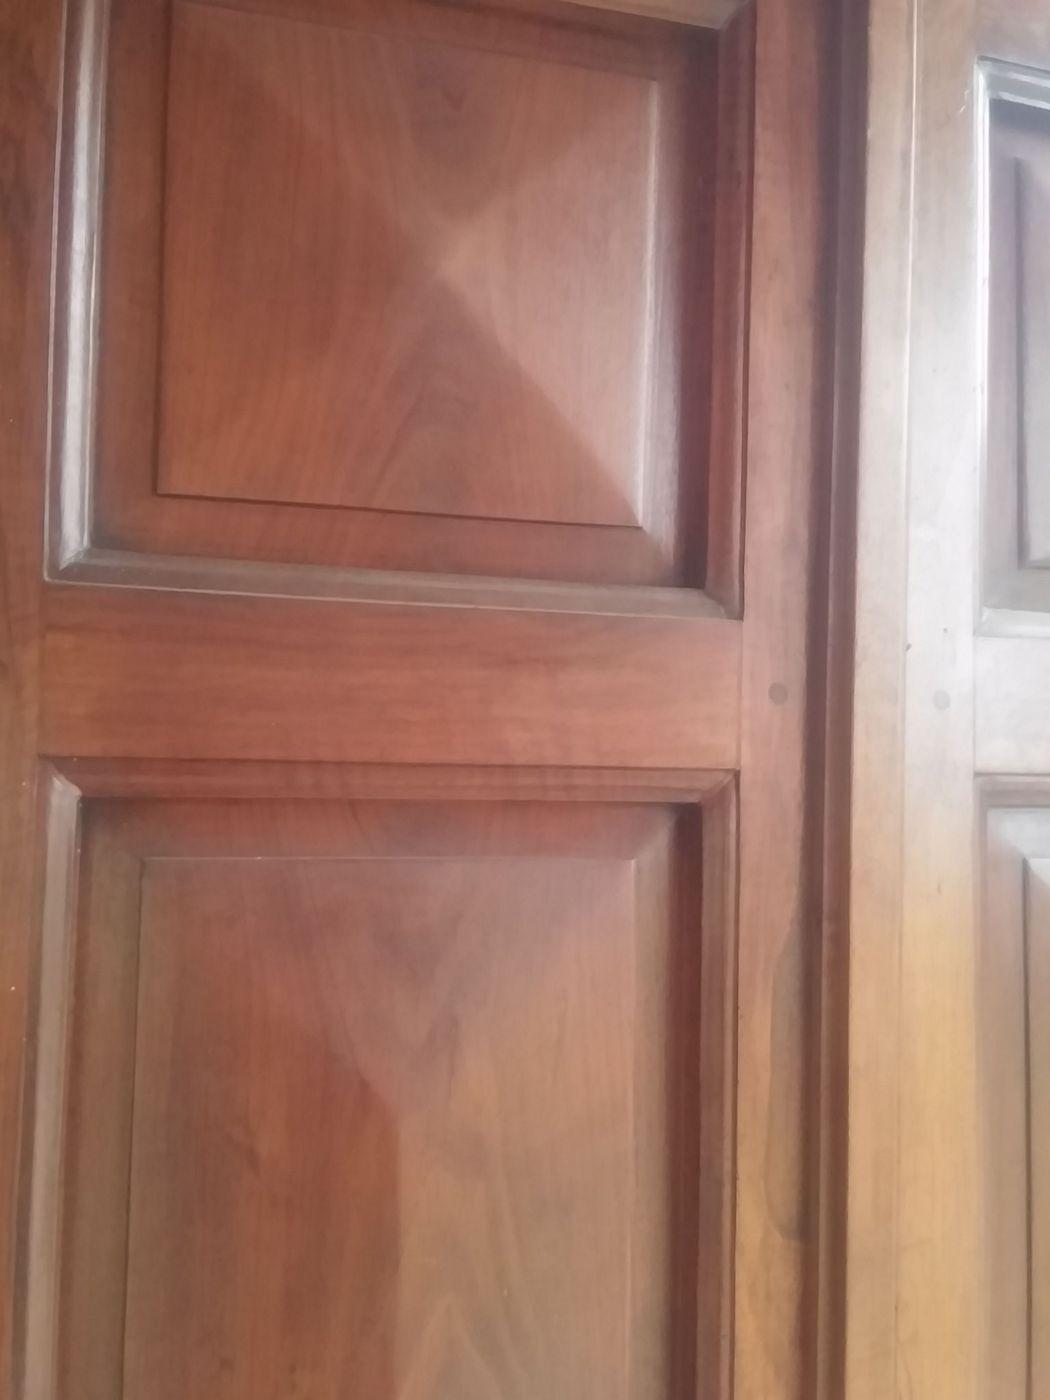 thumb2|Tür mit 2 Türen